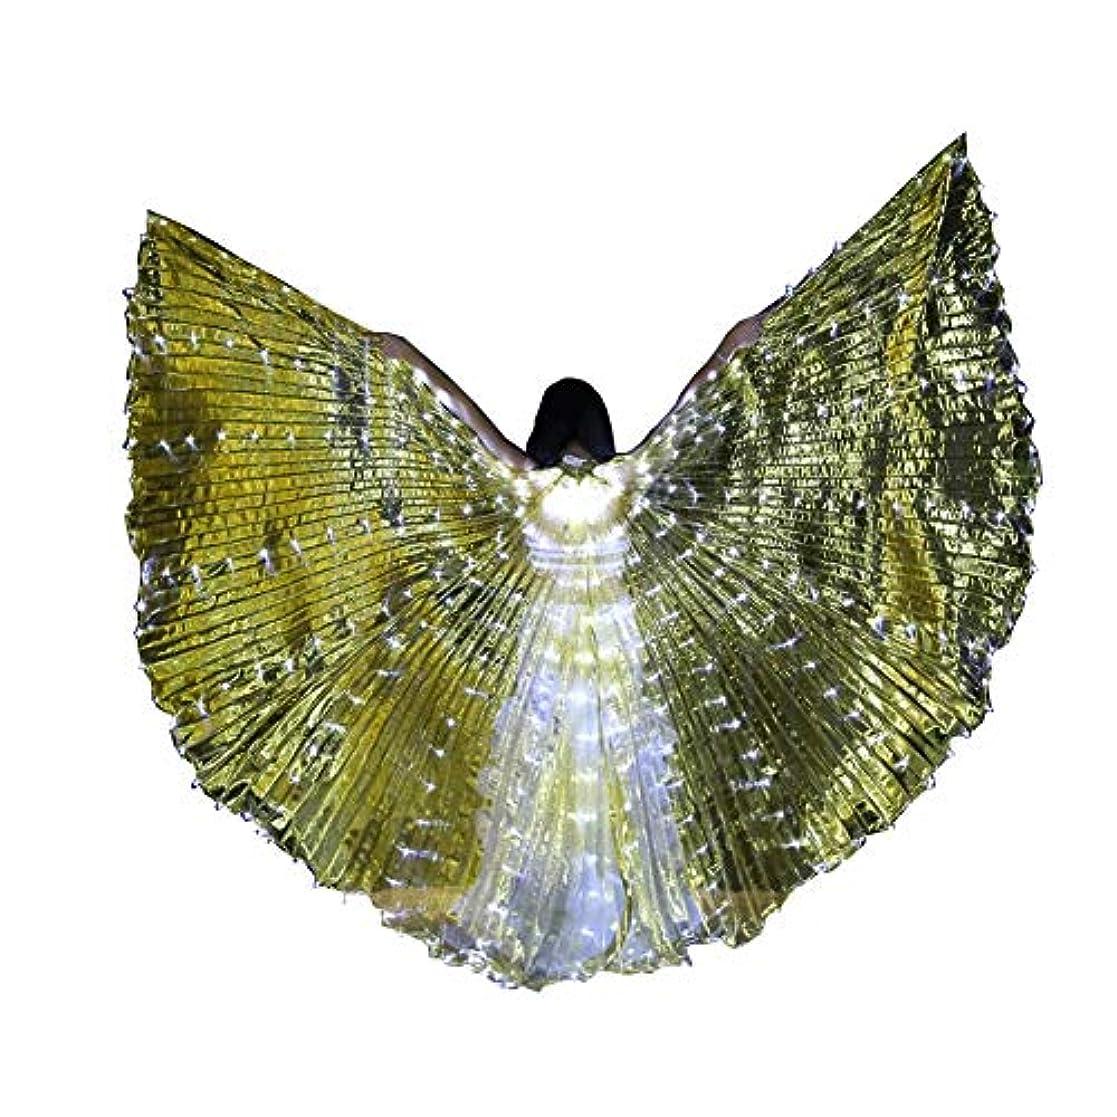 リンスこねる上回るスティック/ロッドとLEDイシスウイングアダルト玉虫色ベリーダンスパフォーマンスパーティーABellyダンスLEDイシスウイング (Color : Transparent gold)